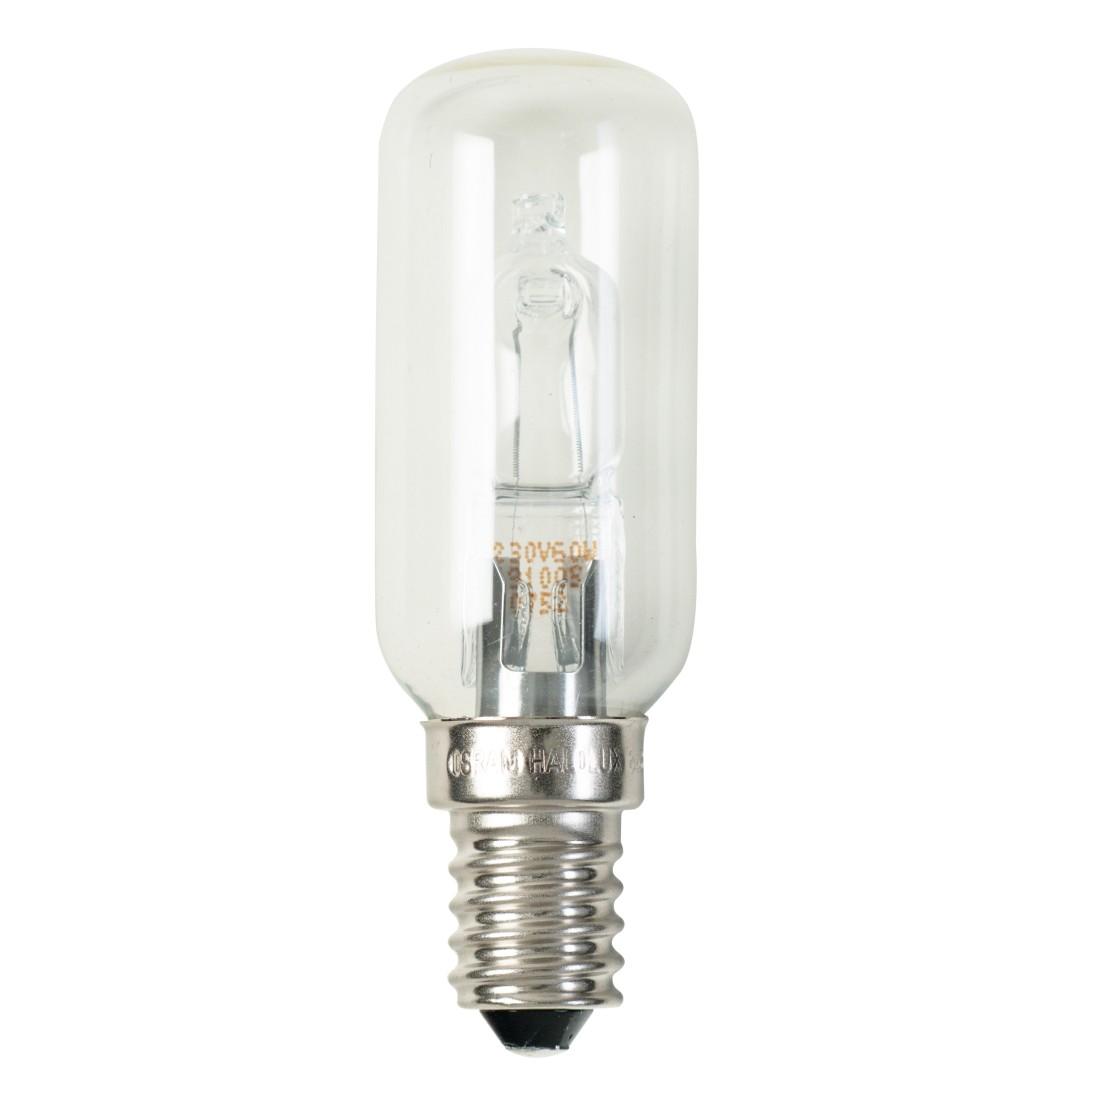 Halogen-Retrofitlampe E14 60 W Kolben klar ● Klarglas Klar- Mega Licht